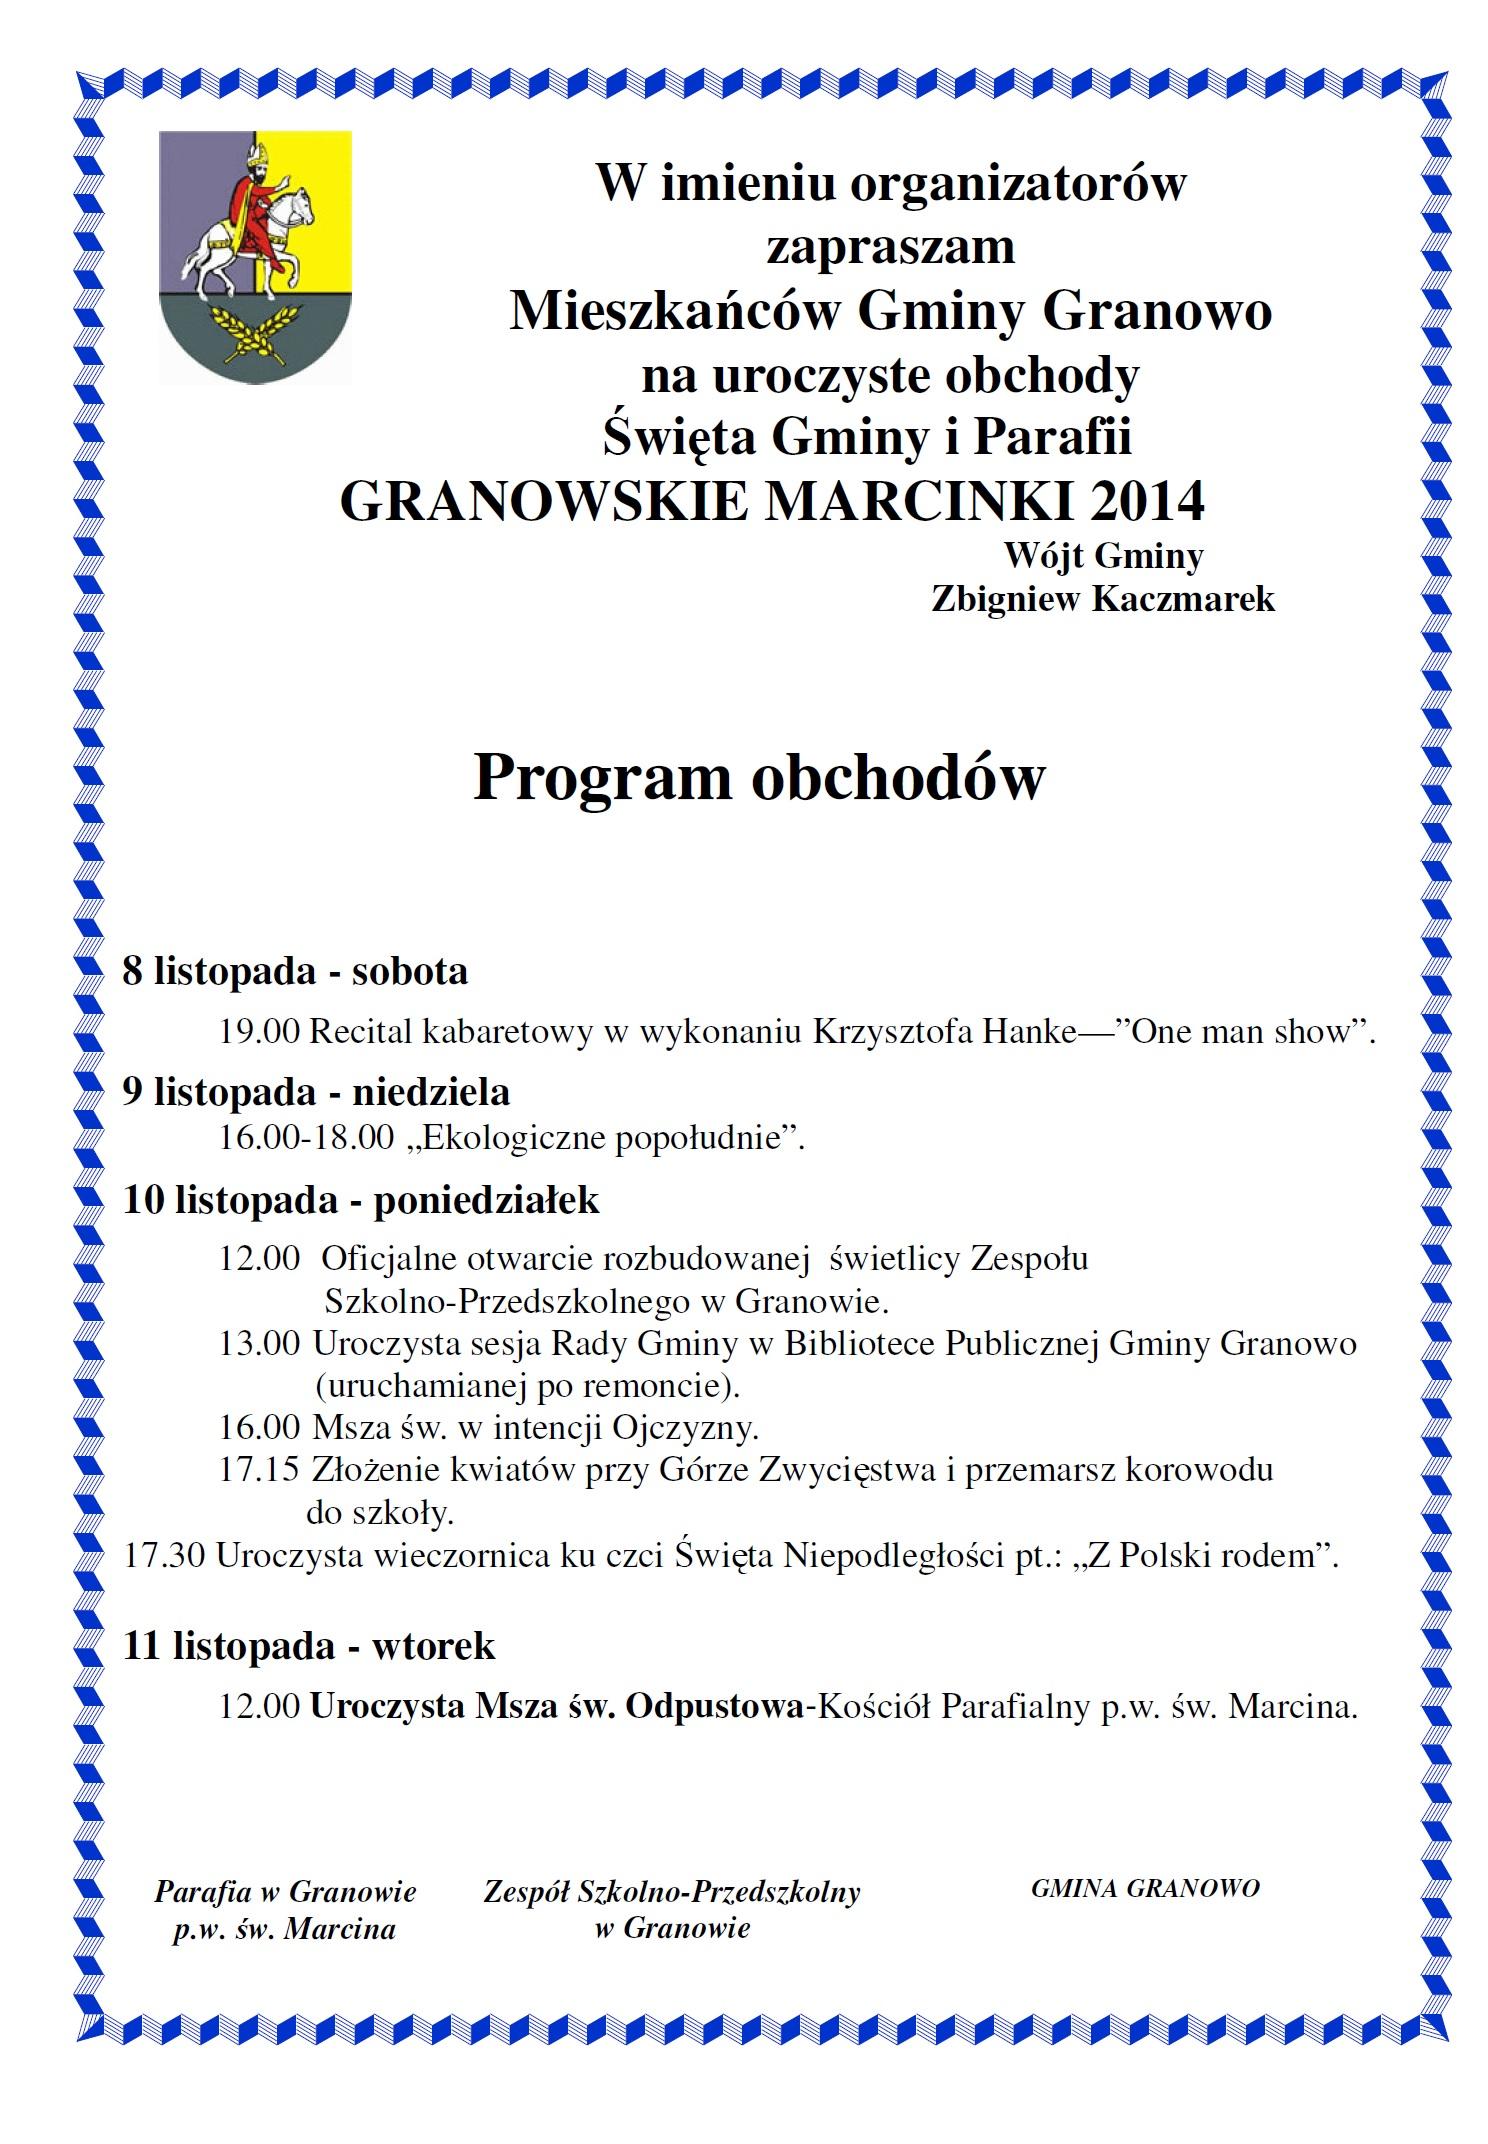 GRANOWSKIE MARCINKI